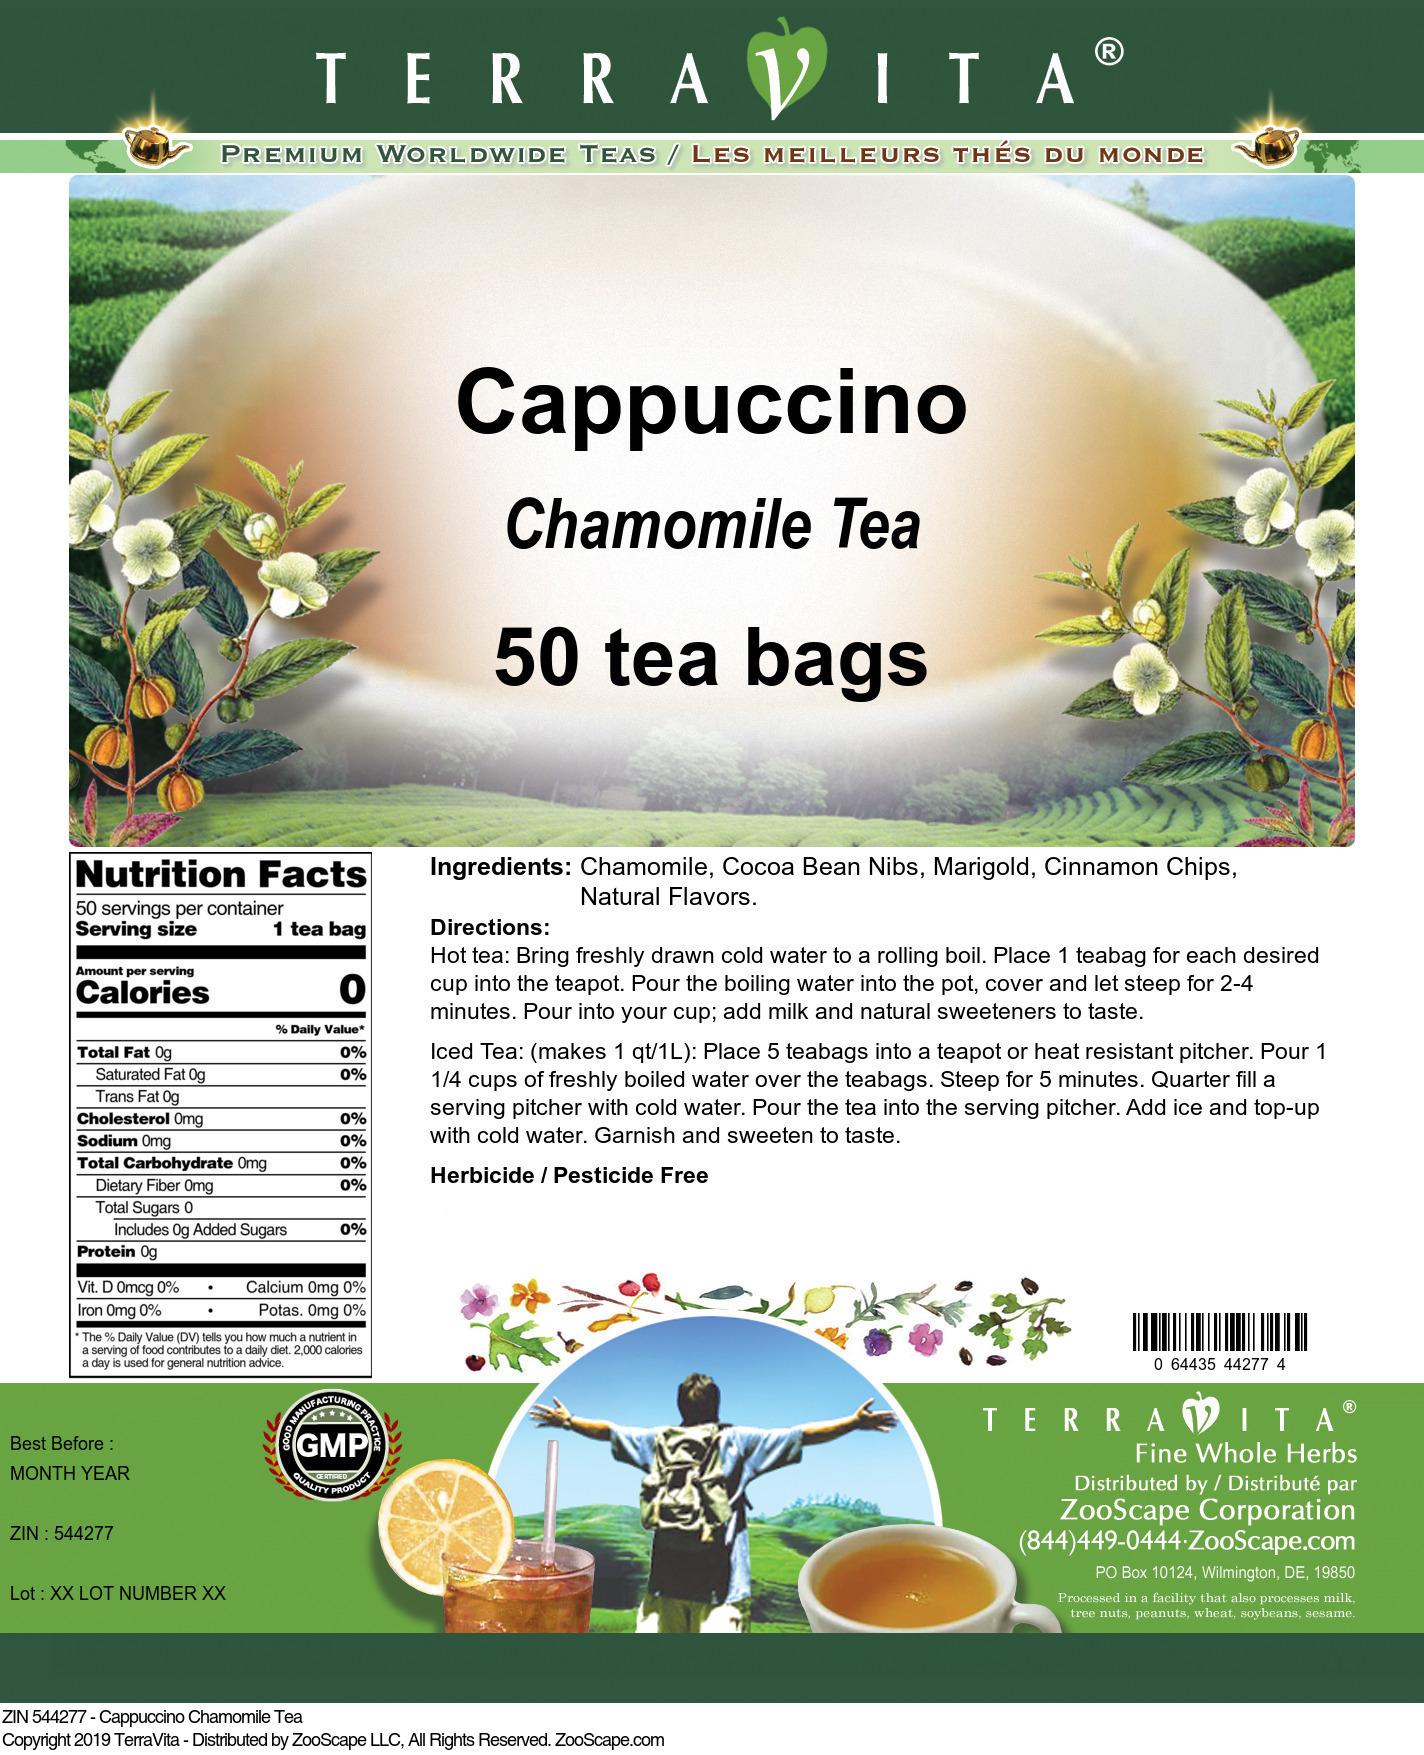 Cappuccino Chamomile Tea